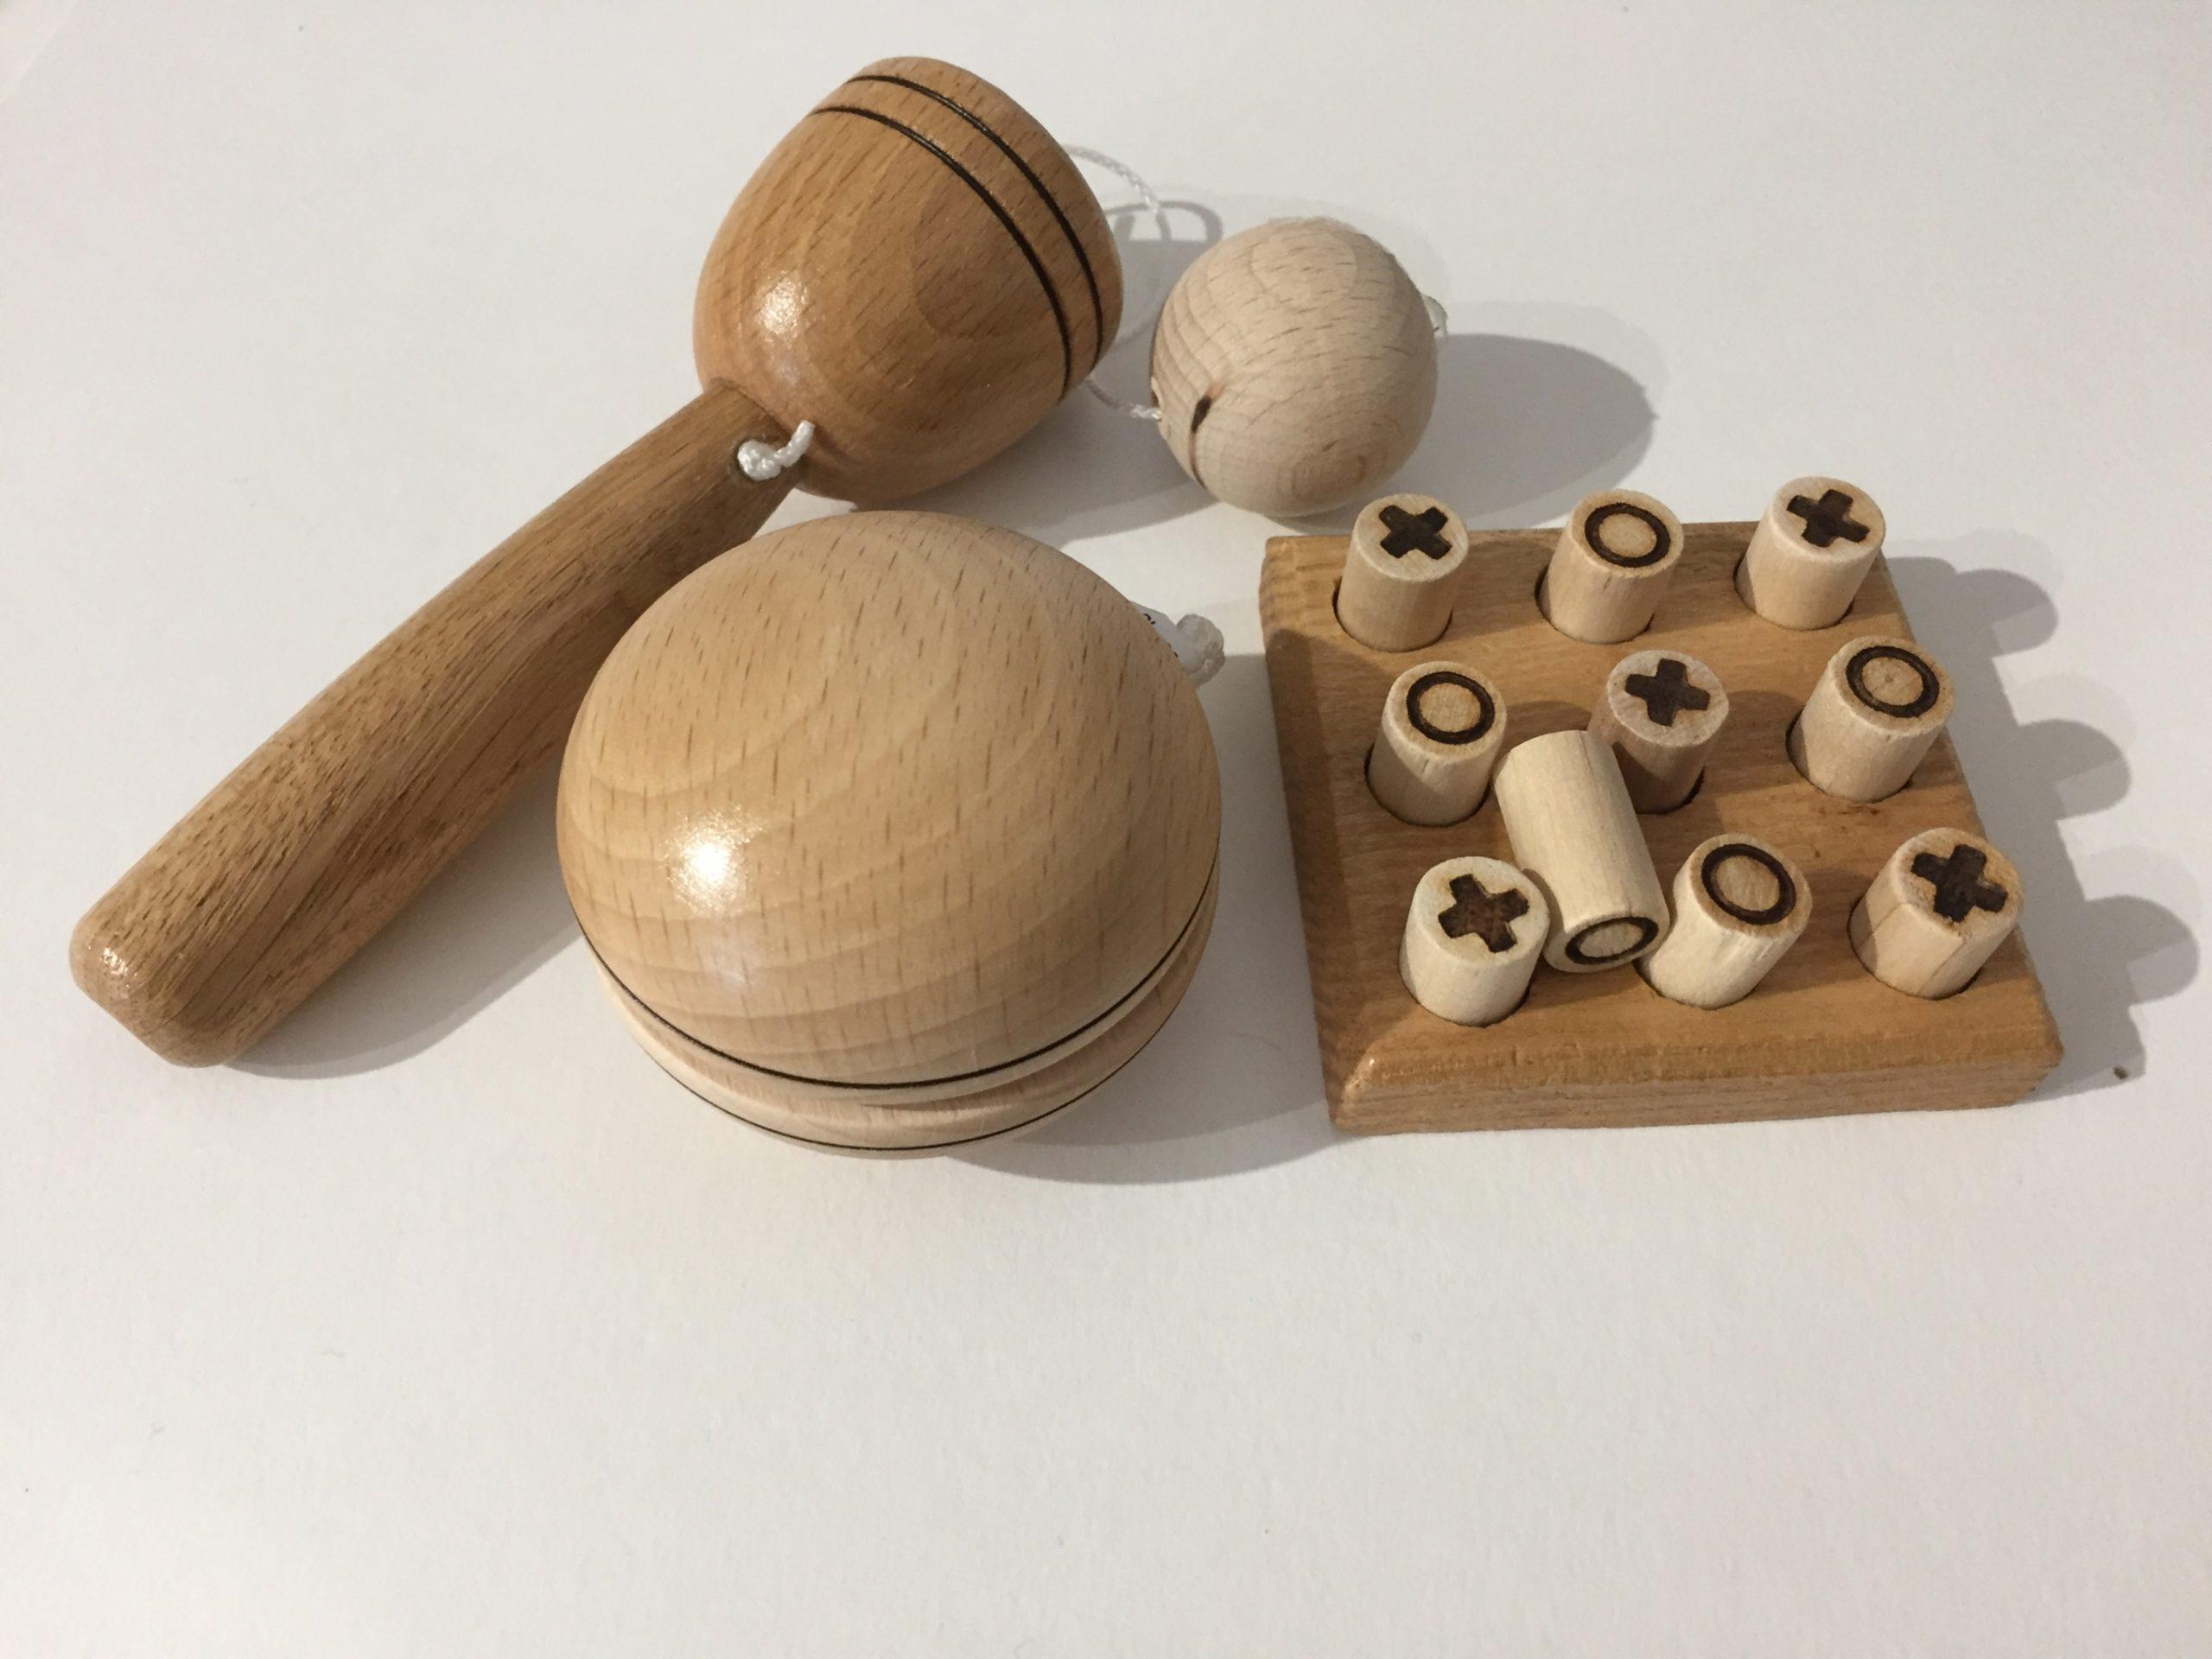 Trò chơi làm từ gỗ